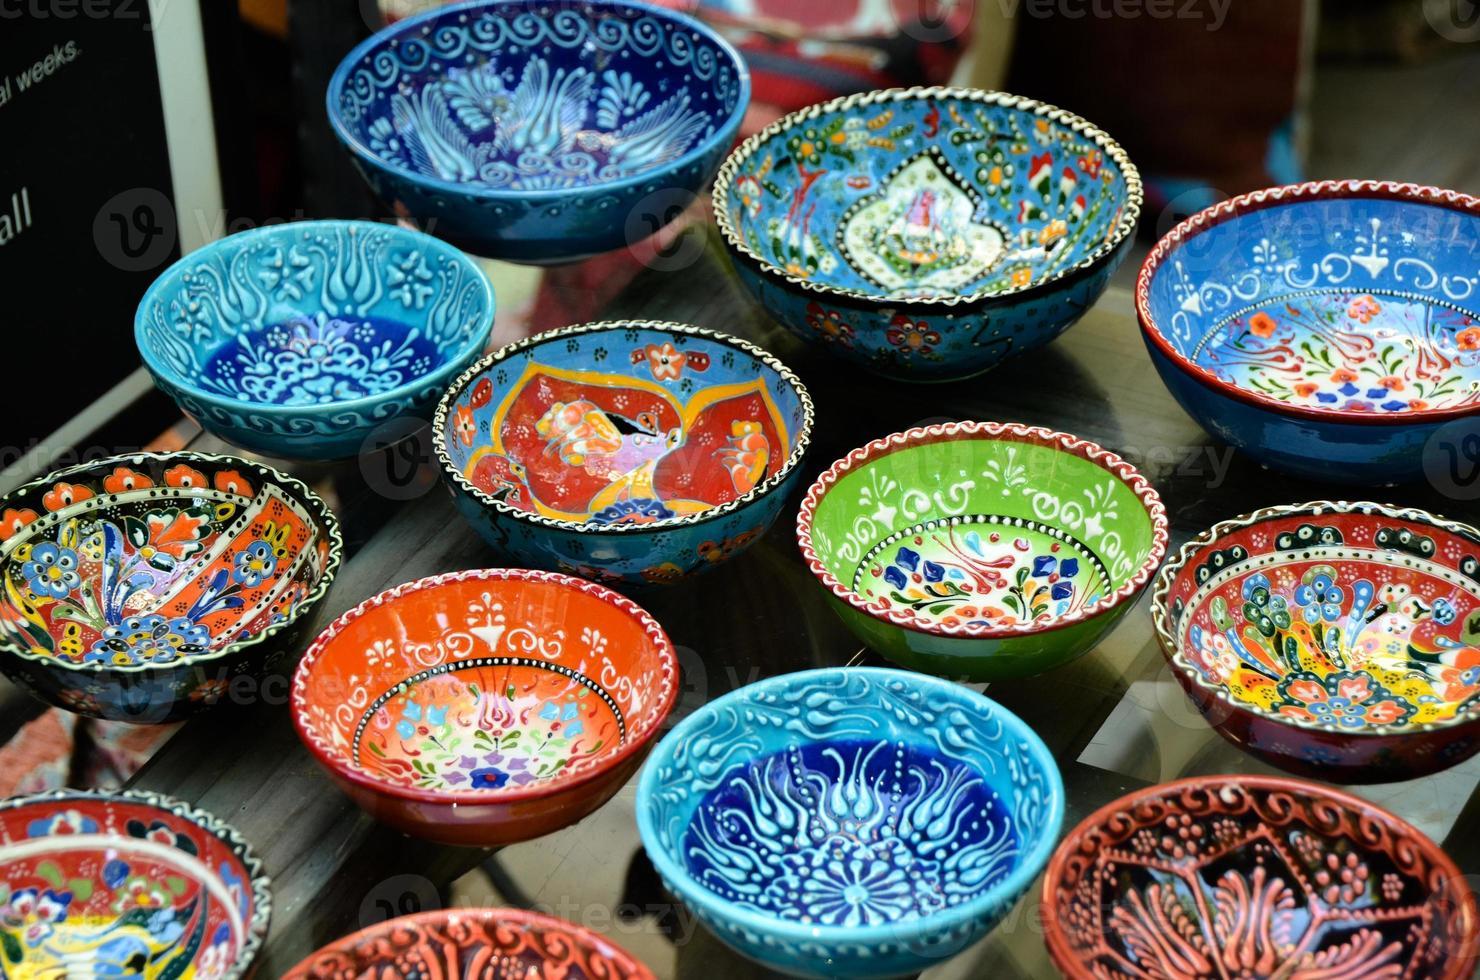 ceramiche classiche turche sul mercato foto